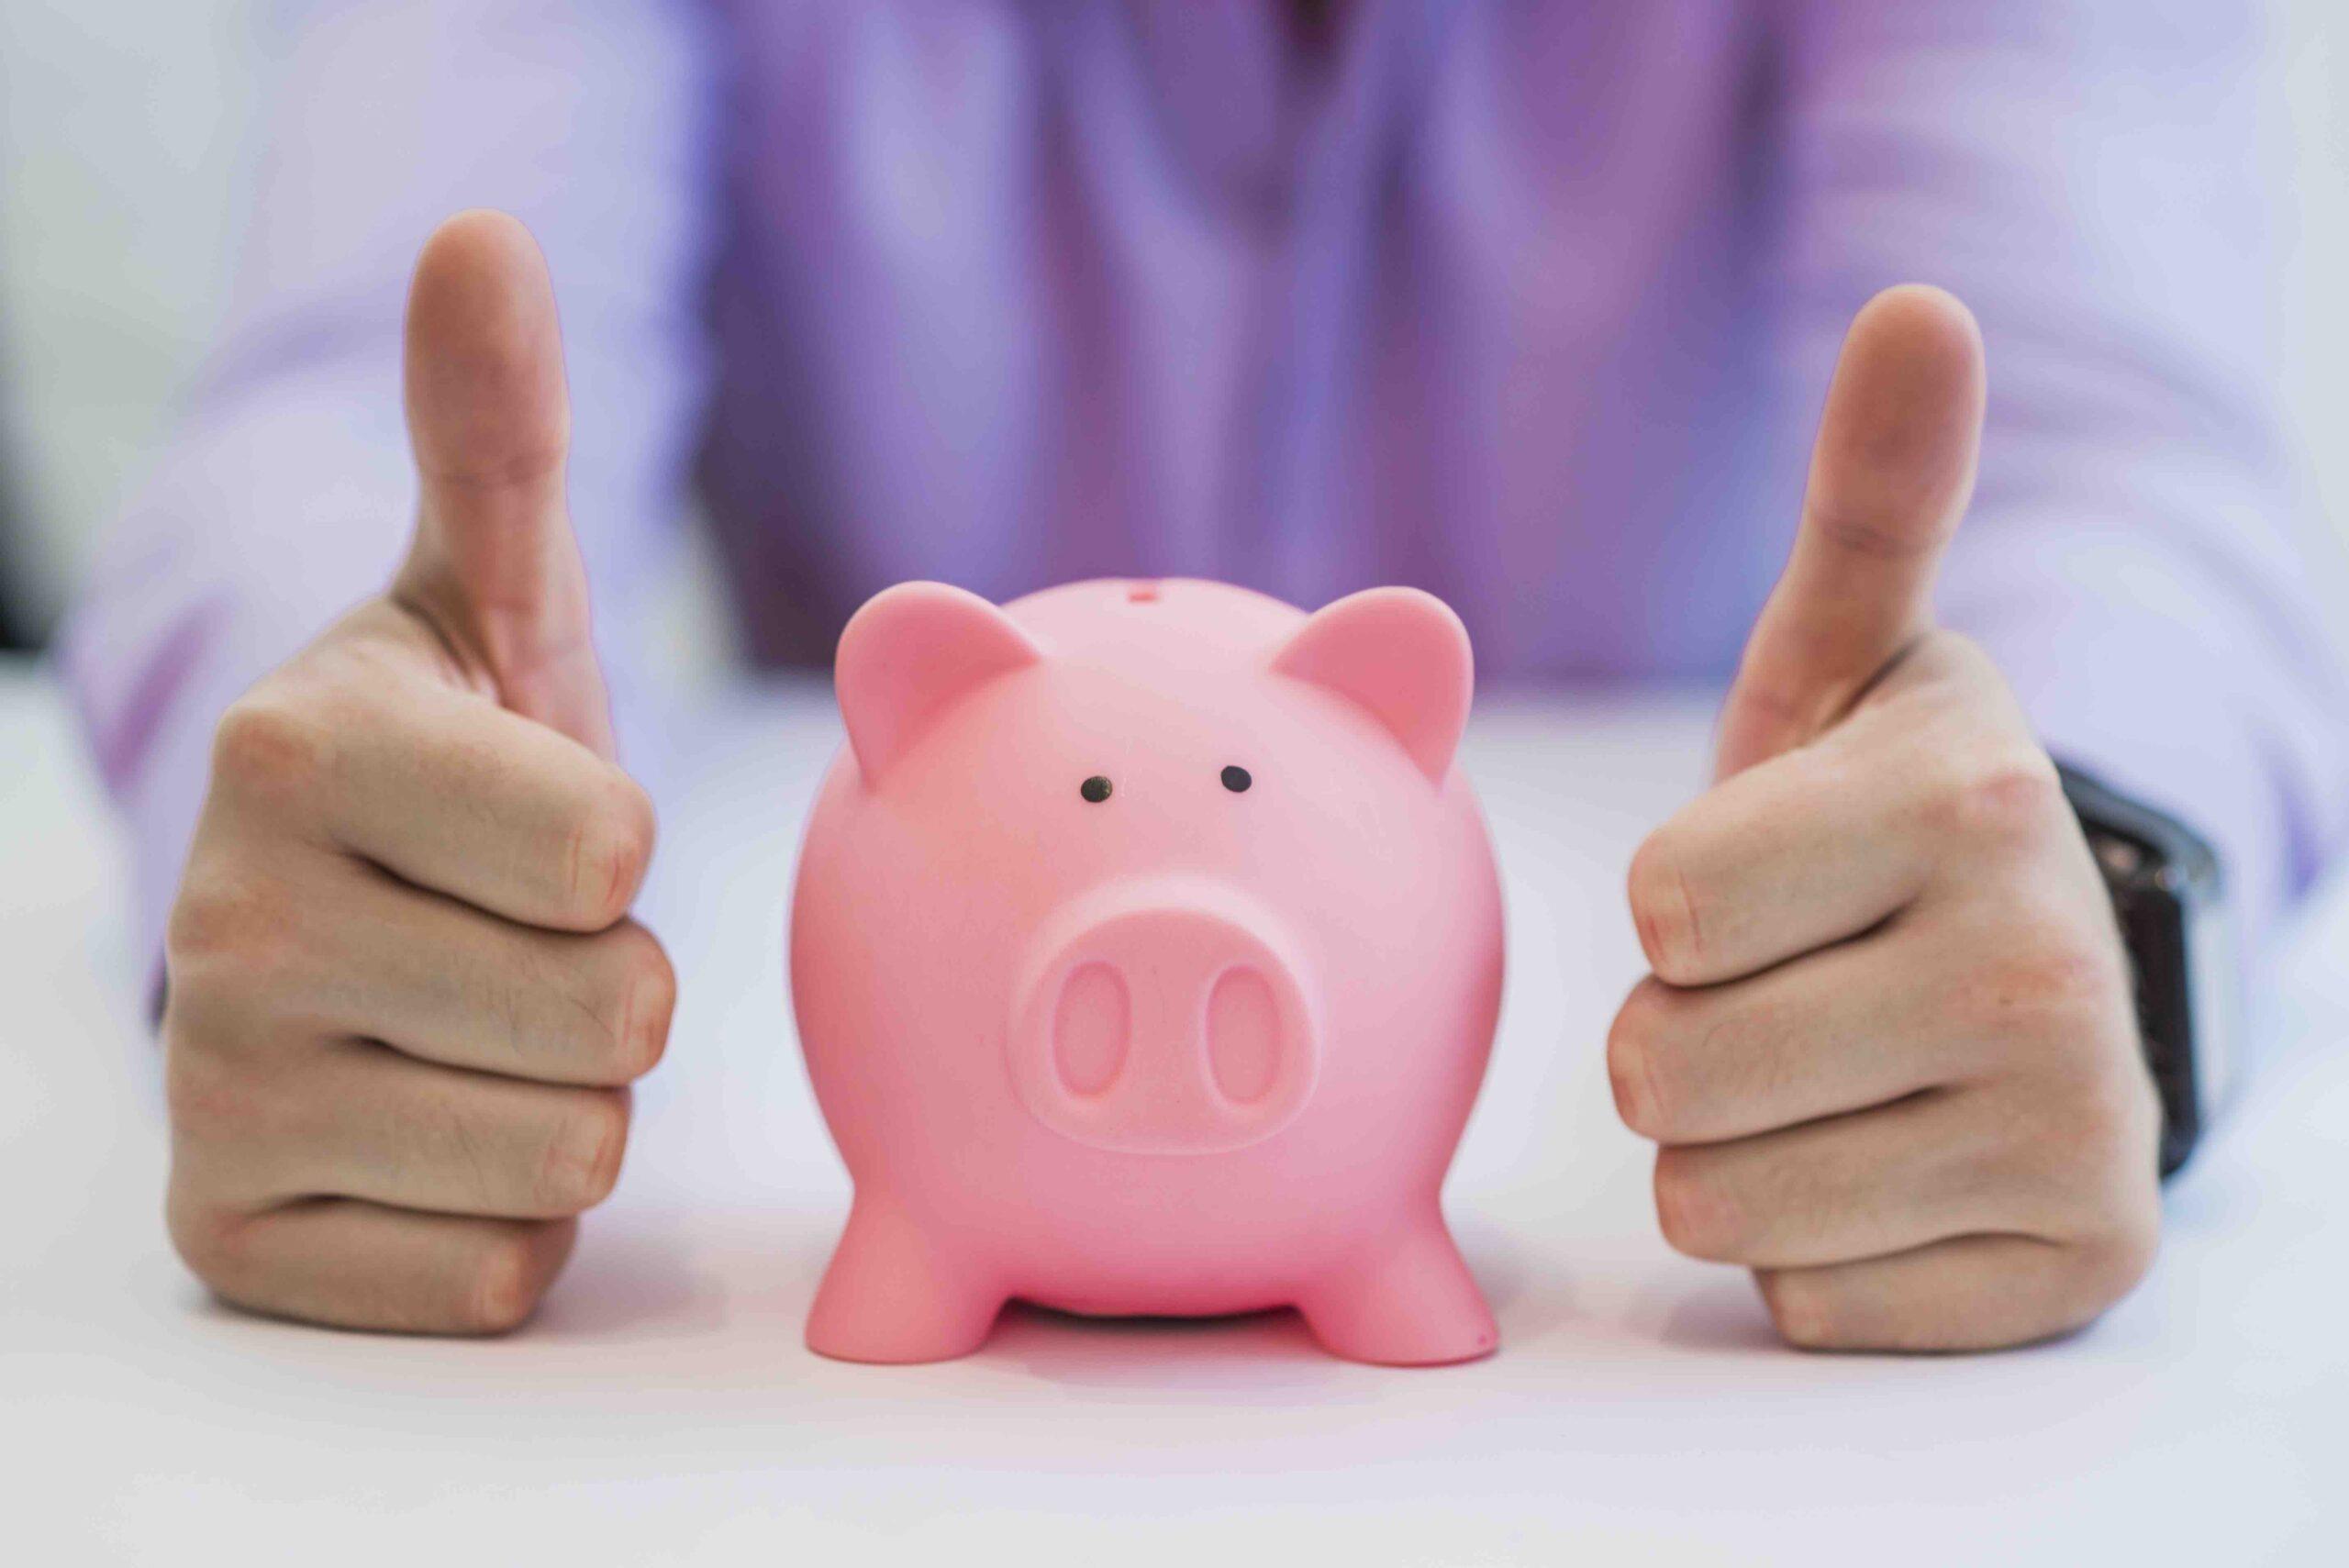 Mand med sparegris, der holder tommelfingrene op fordi han har sparet penge på rengøring gennem et servicefradrag.